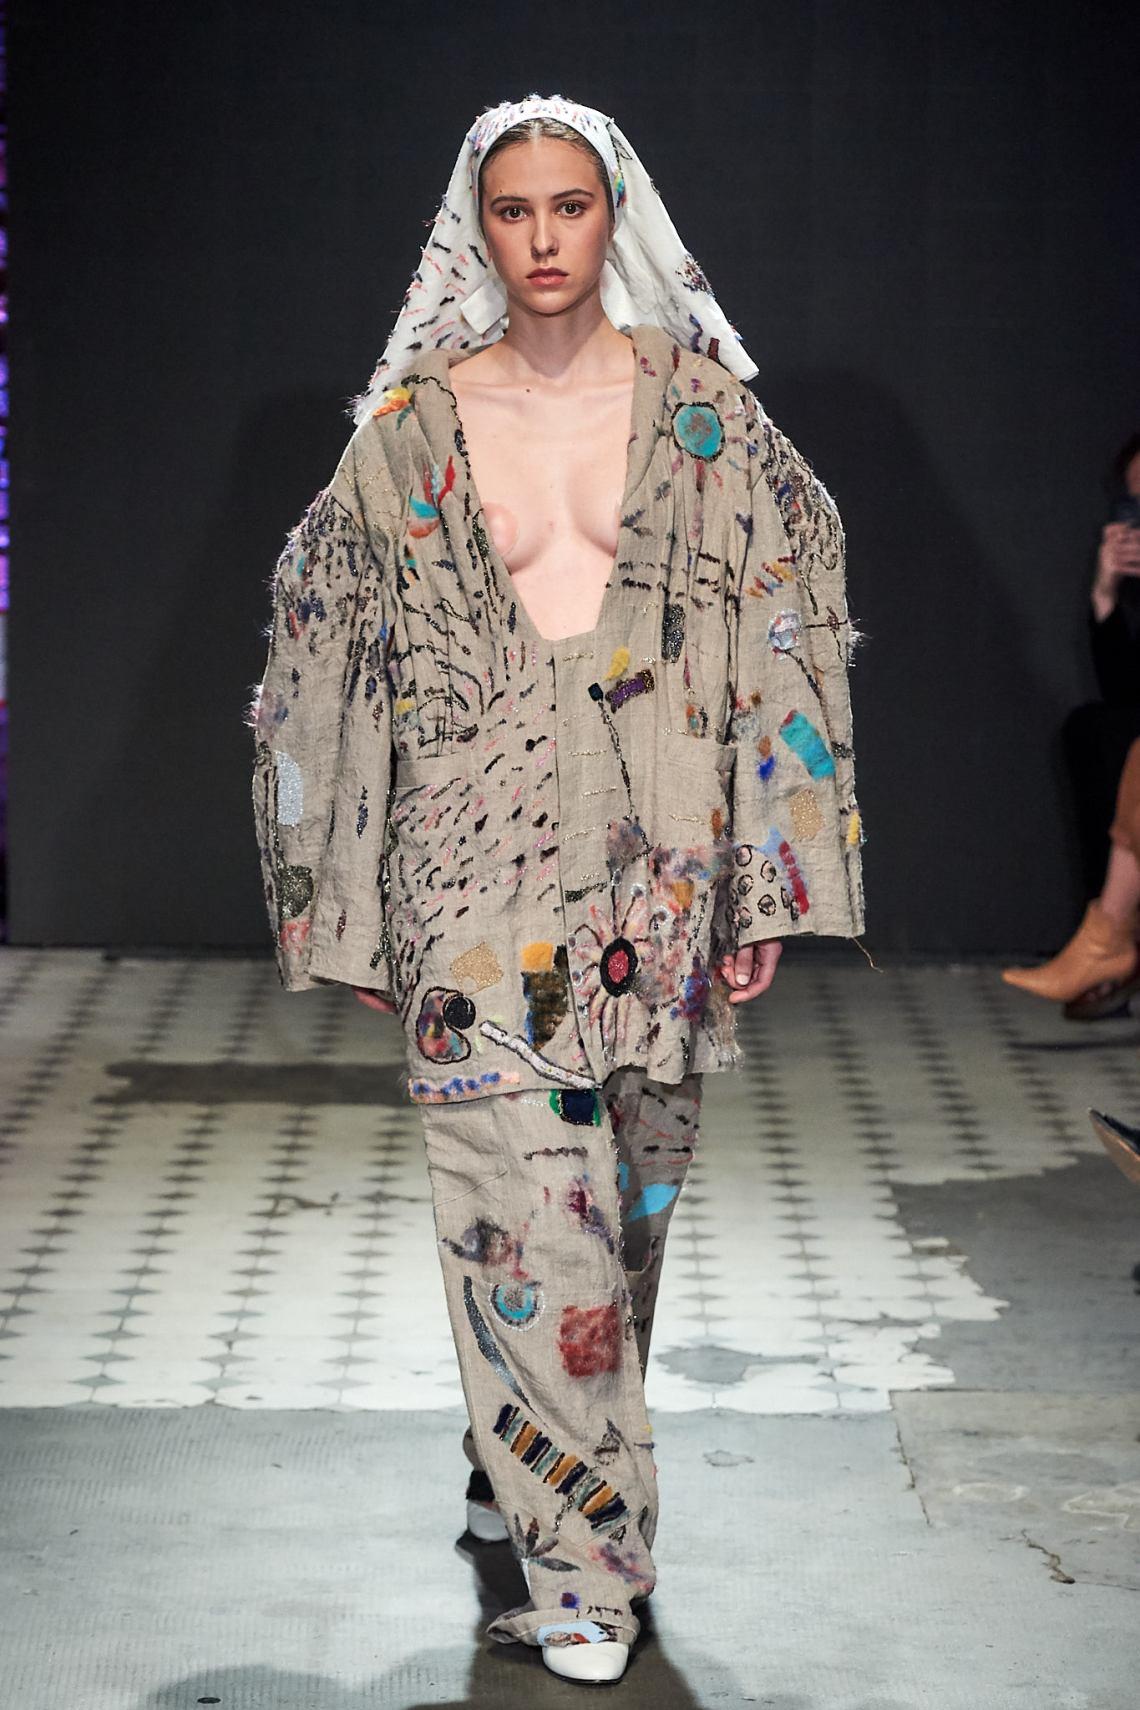 2_KTW_DAY2_121019_CZAK_lowres-fotFilipOkopny-FashionImages